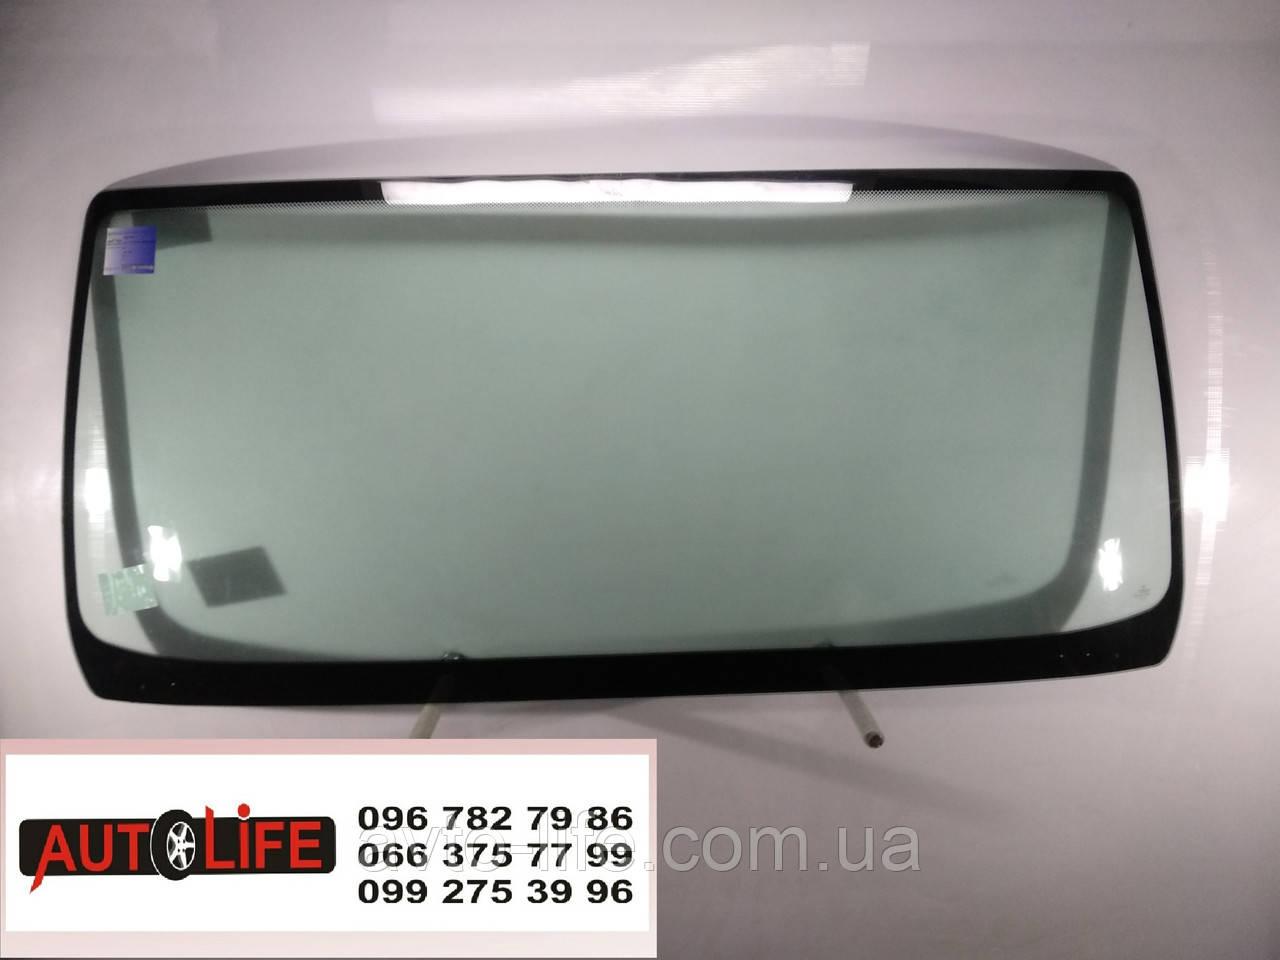 Лобовое стекло Daf LF45-55 /Renault Midlum (фуры, грузовик) (2000г.-) | Автостекло на грузовик Даф ЛФ 45-55